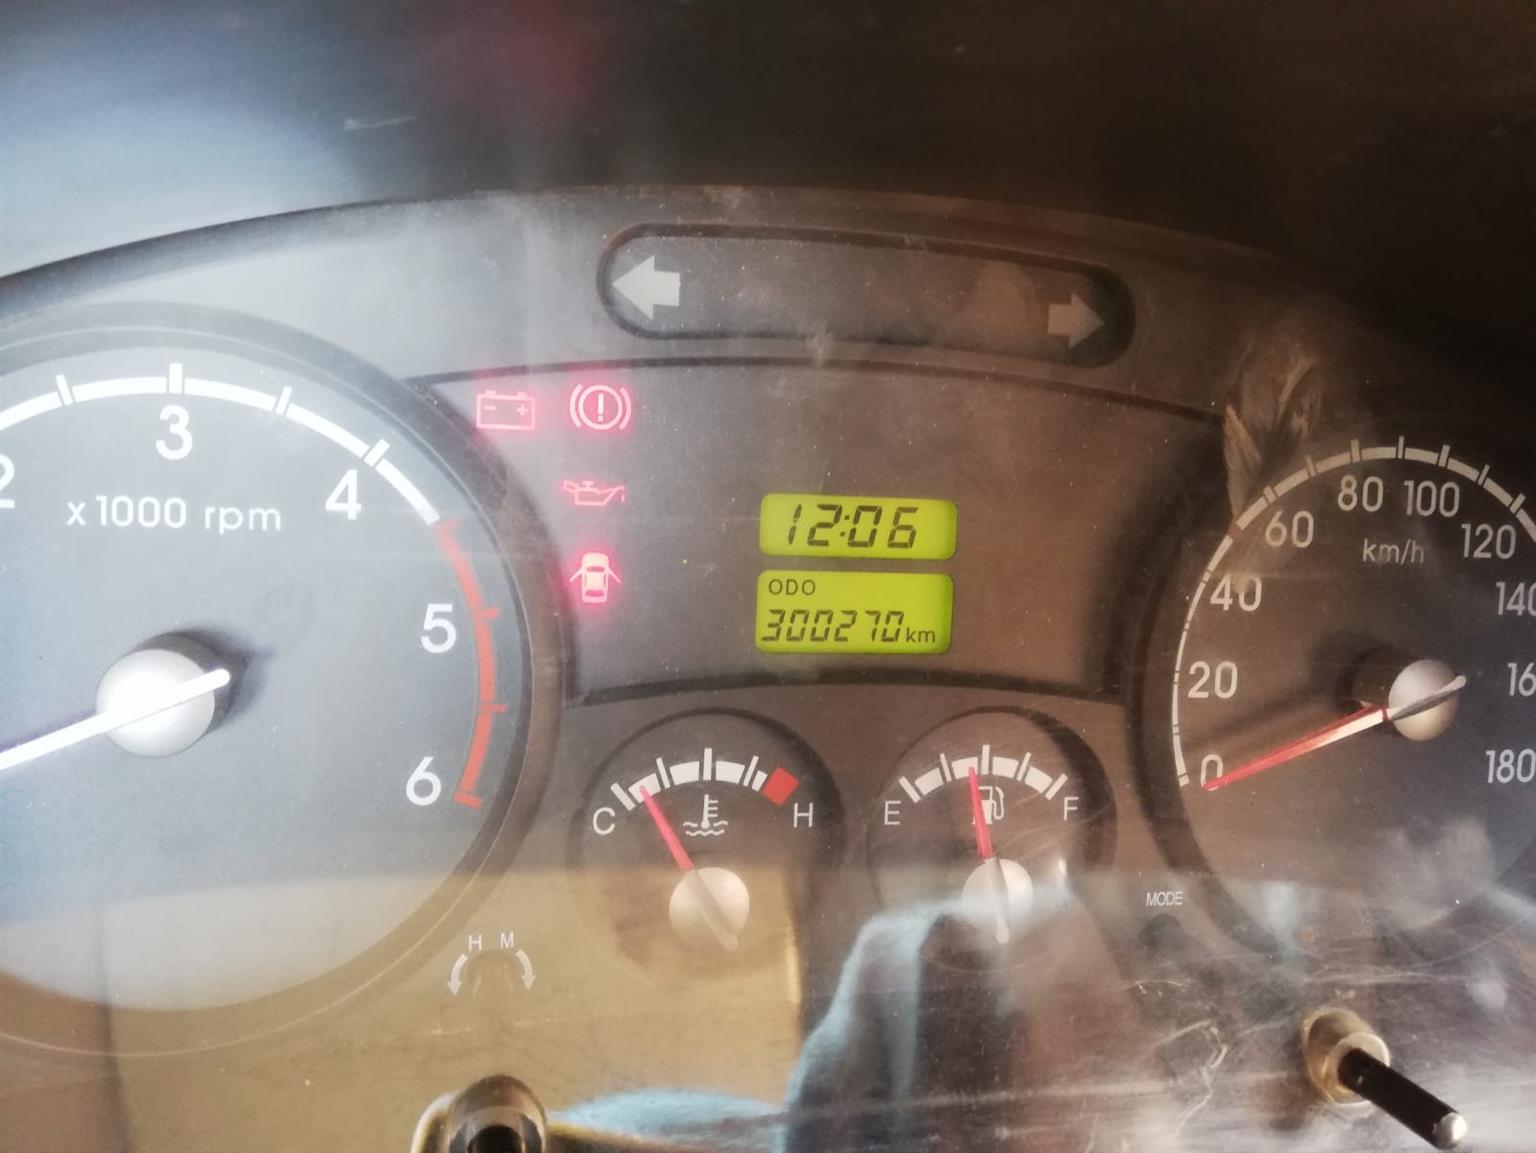 Kia 2700 2013 model